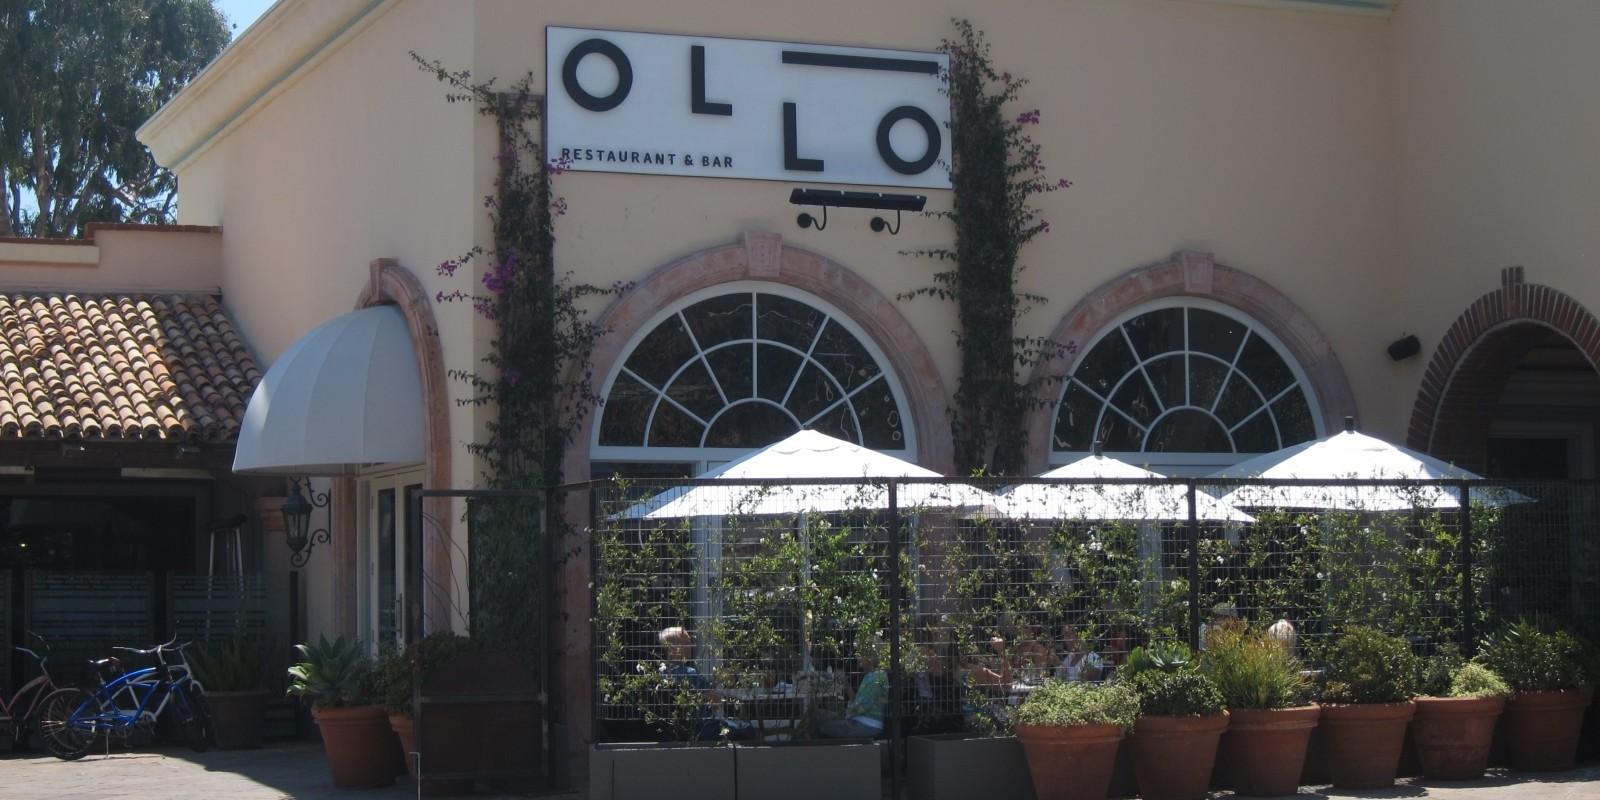 ollo-bar-restaurant-malibu_all-things-malibu